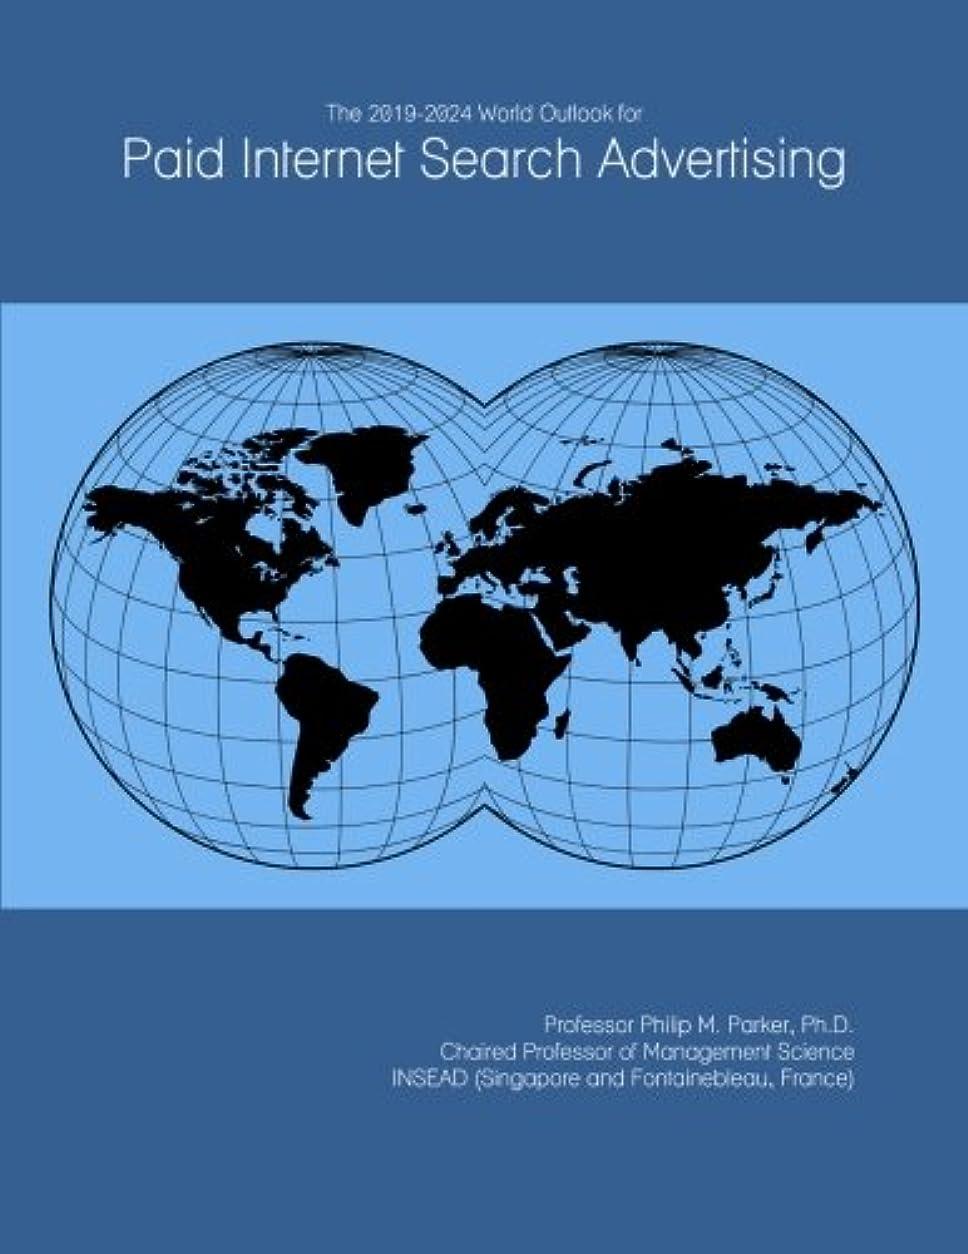 ポイント百断言するThe 2019-2024 World Outlook for Paid Internet Search Advertising